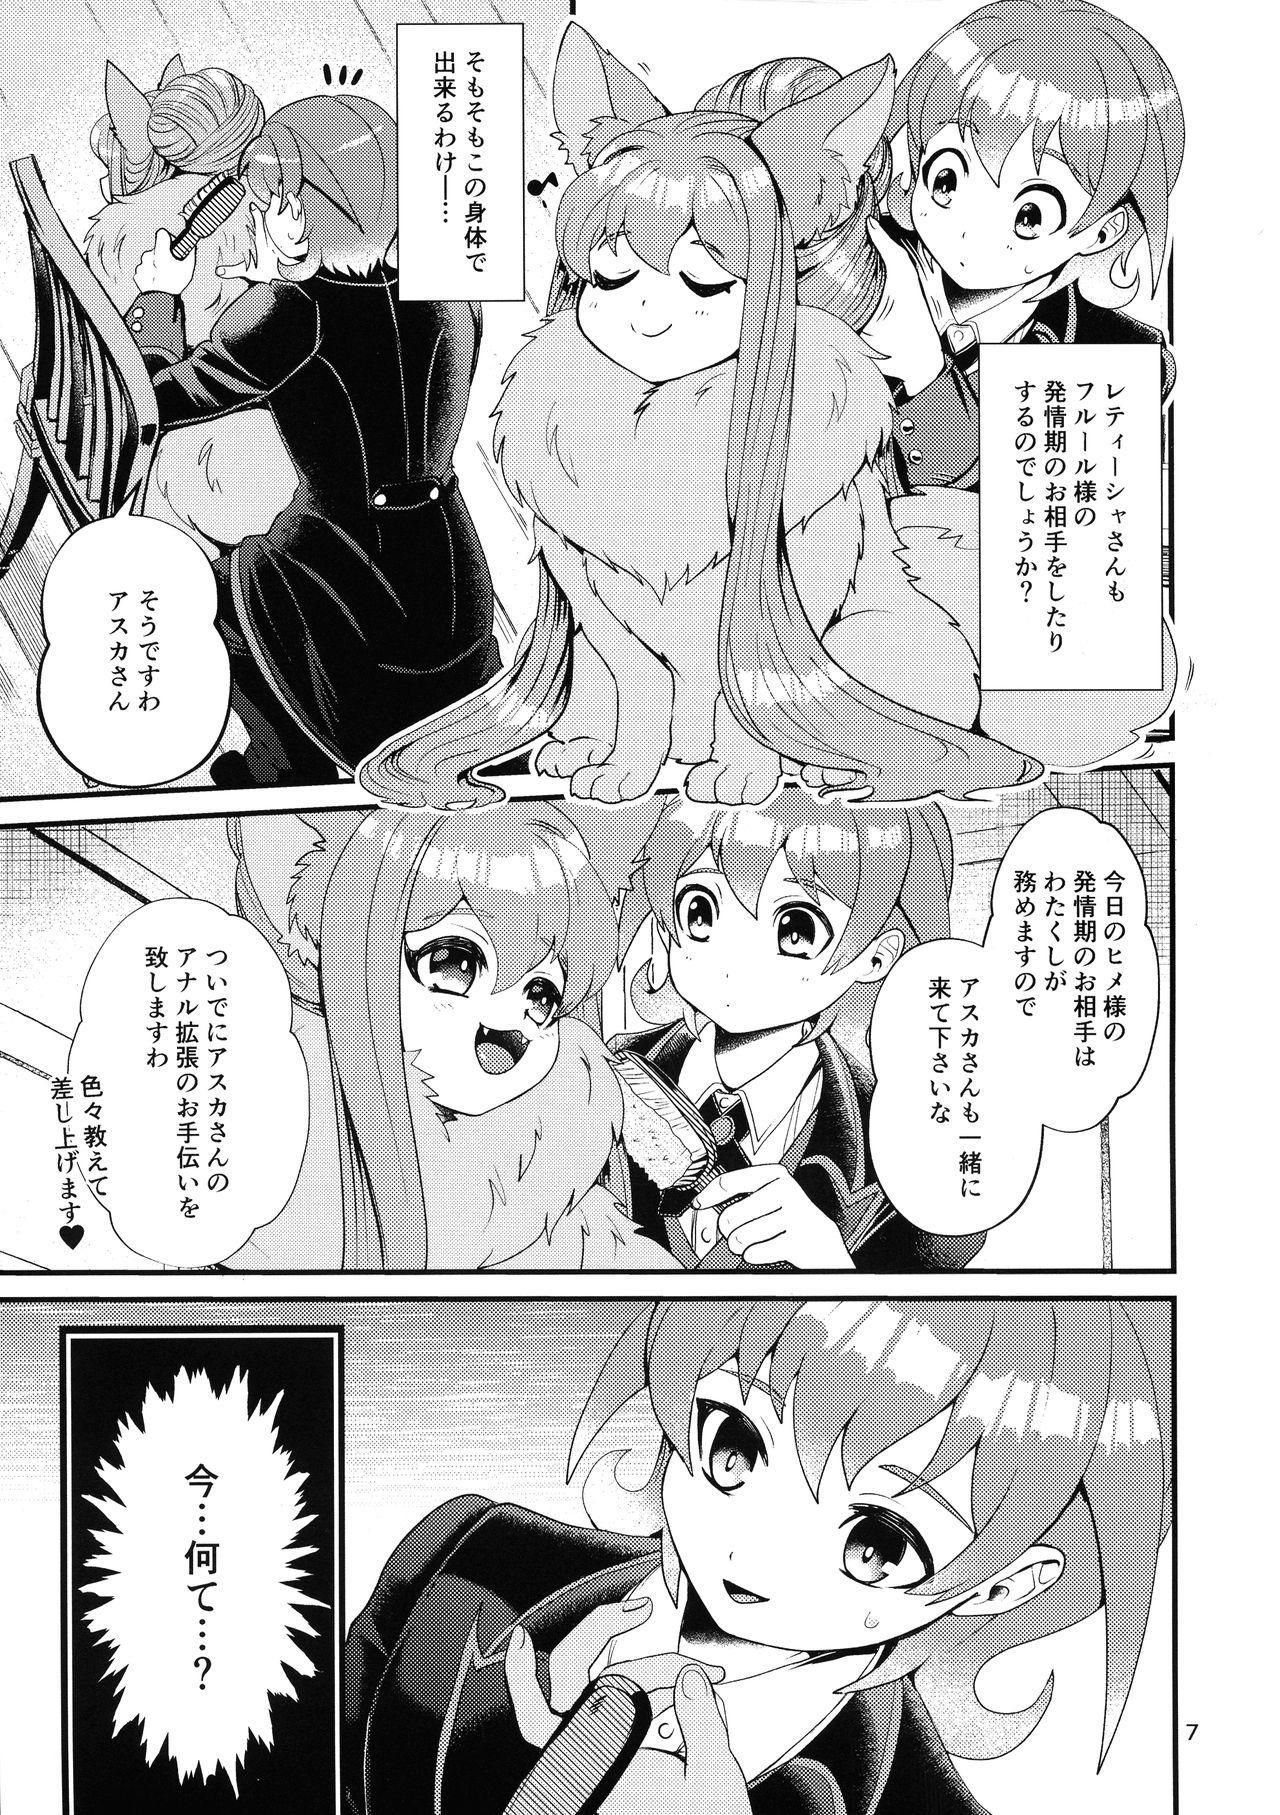 Mazoku Hime Fleur no Hatsujouki 3 5